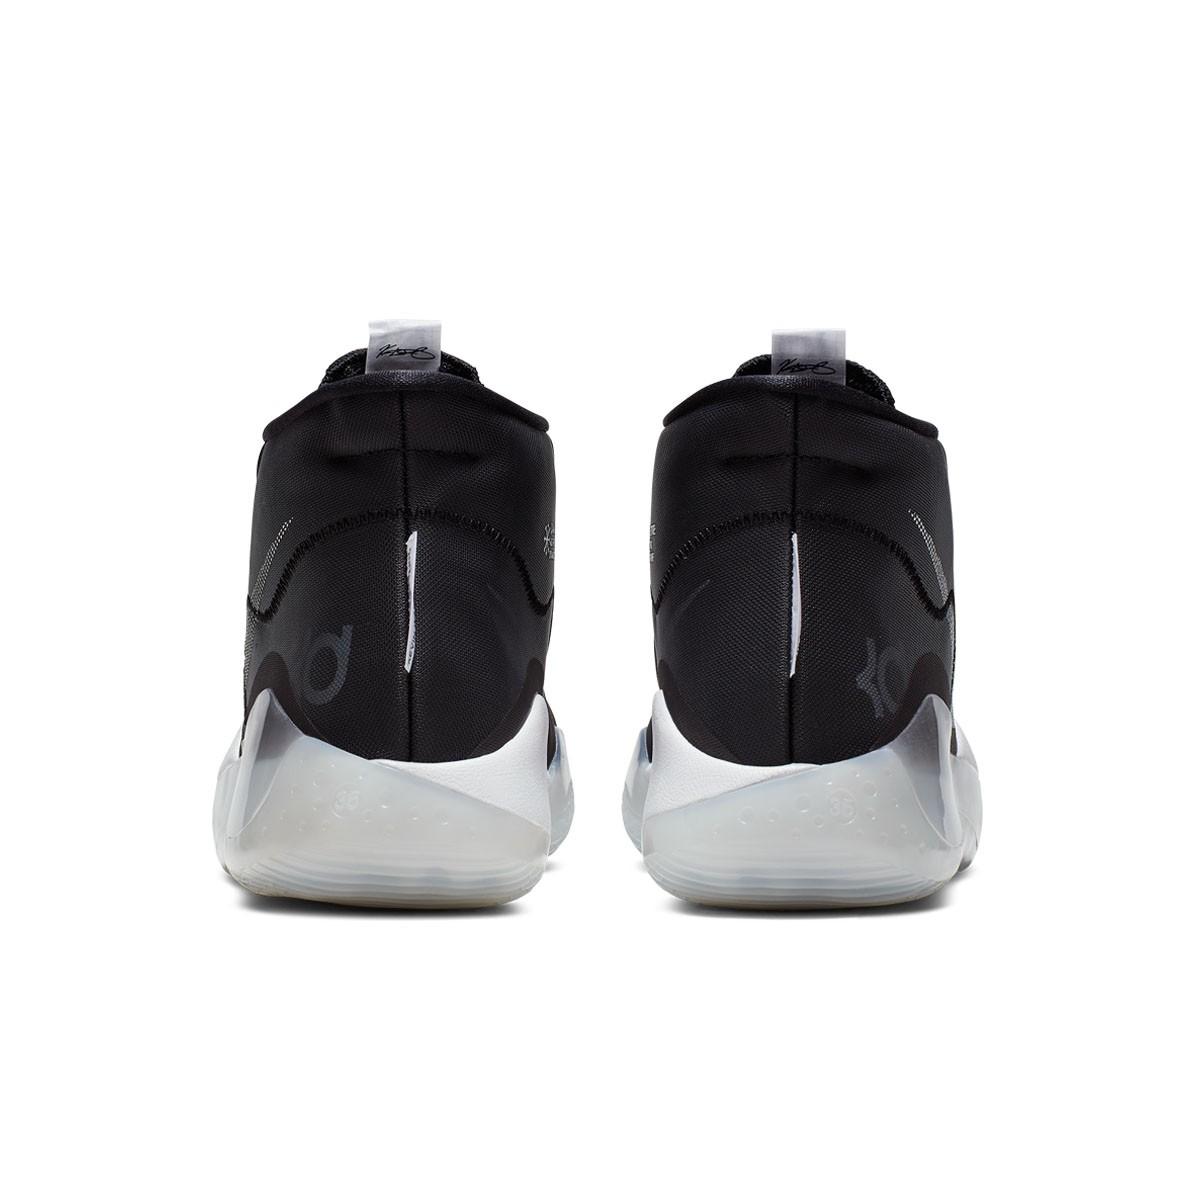 Nike Zoom KD 12 'Day one' AR4229-001